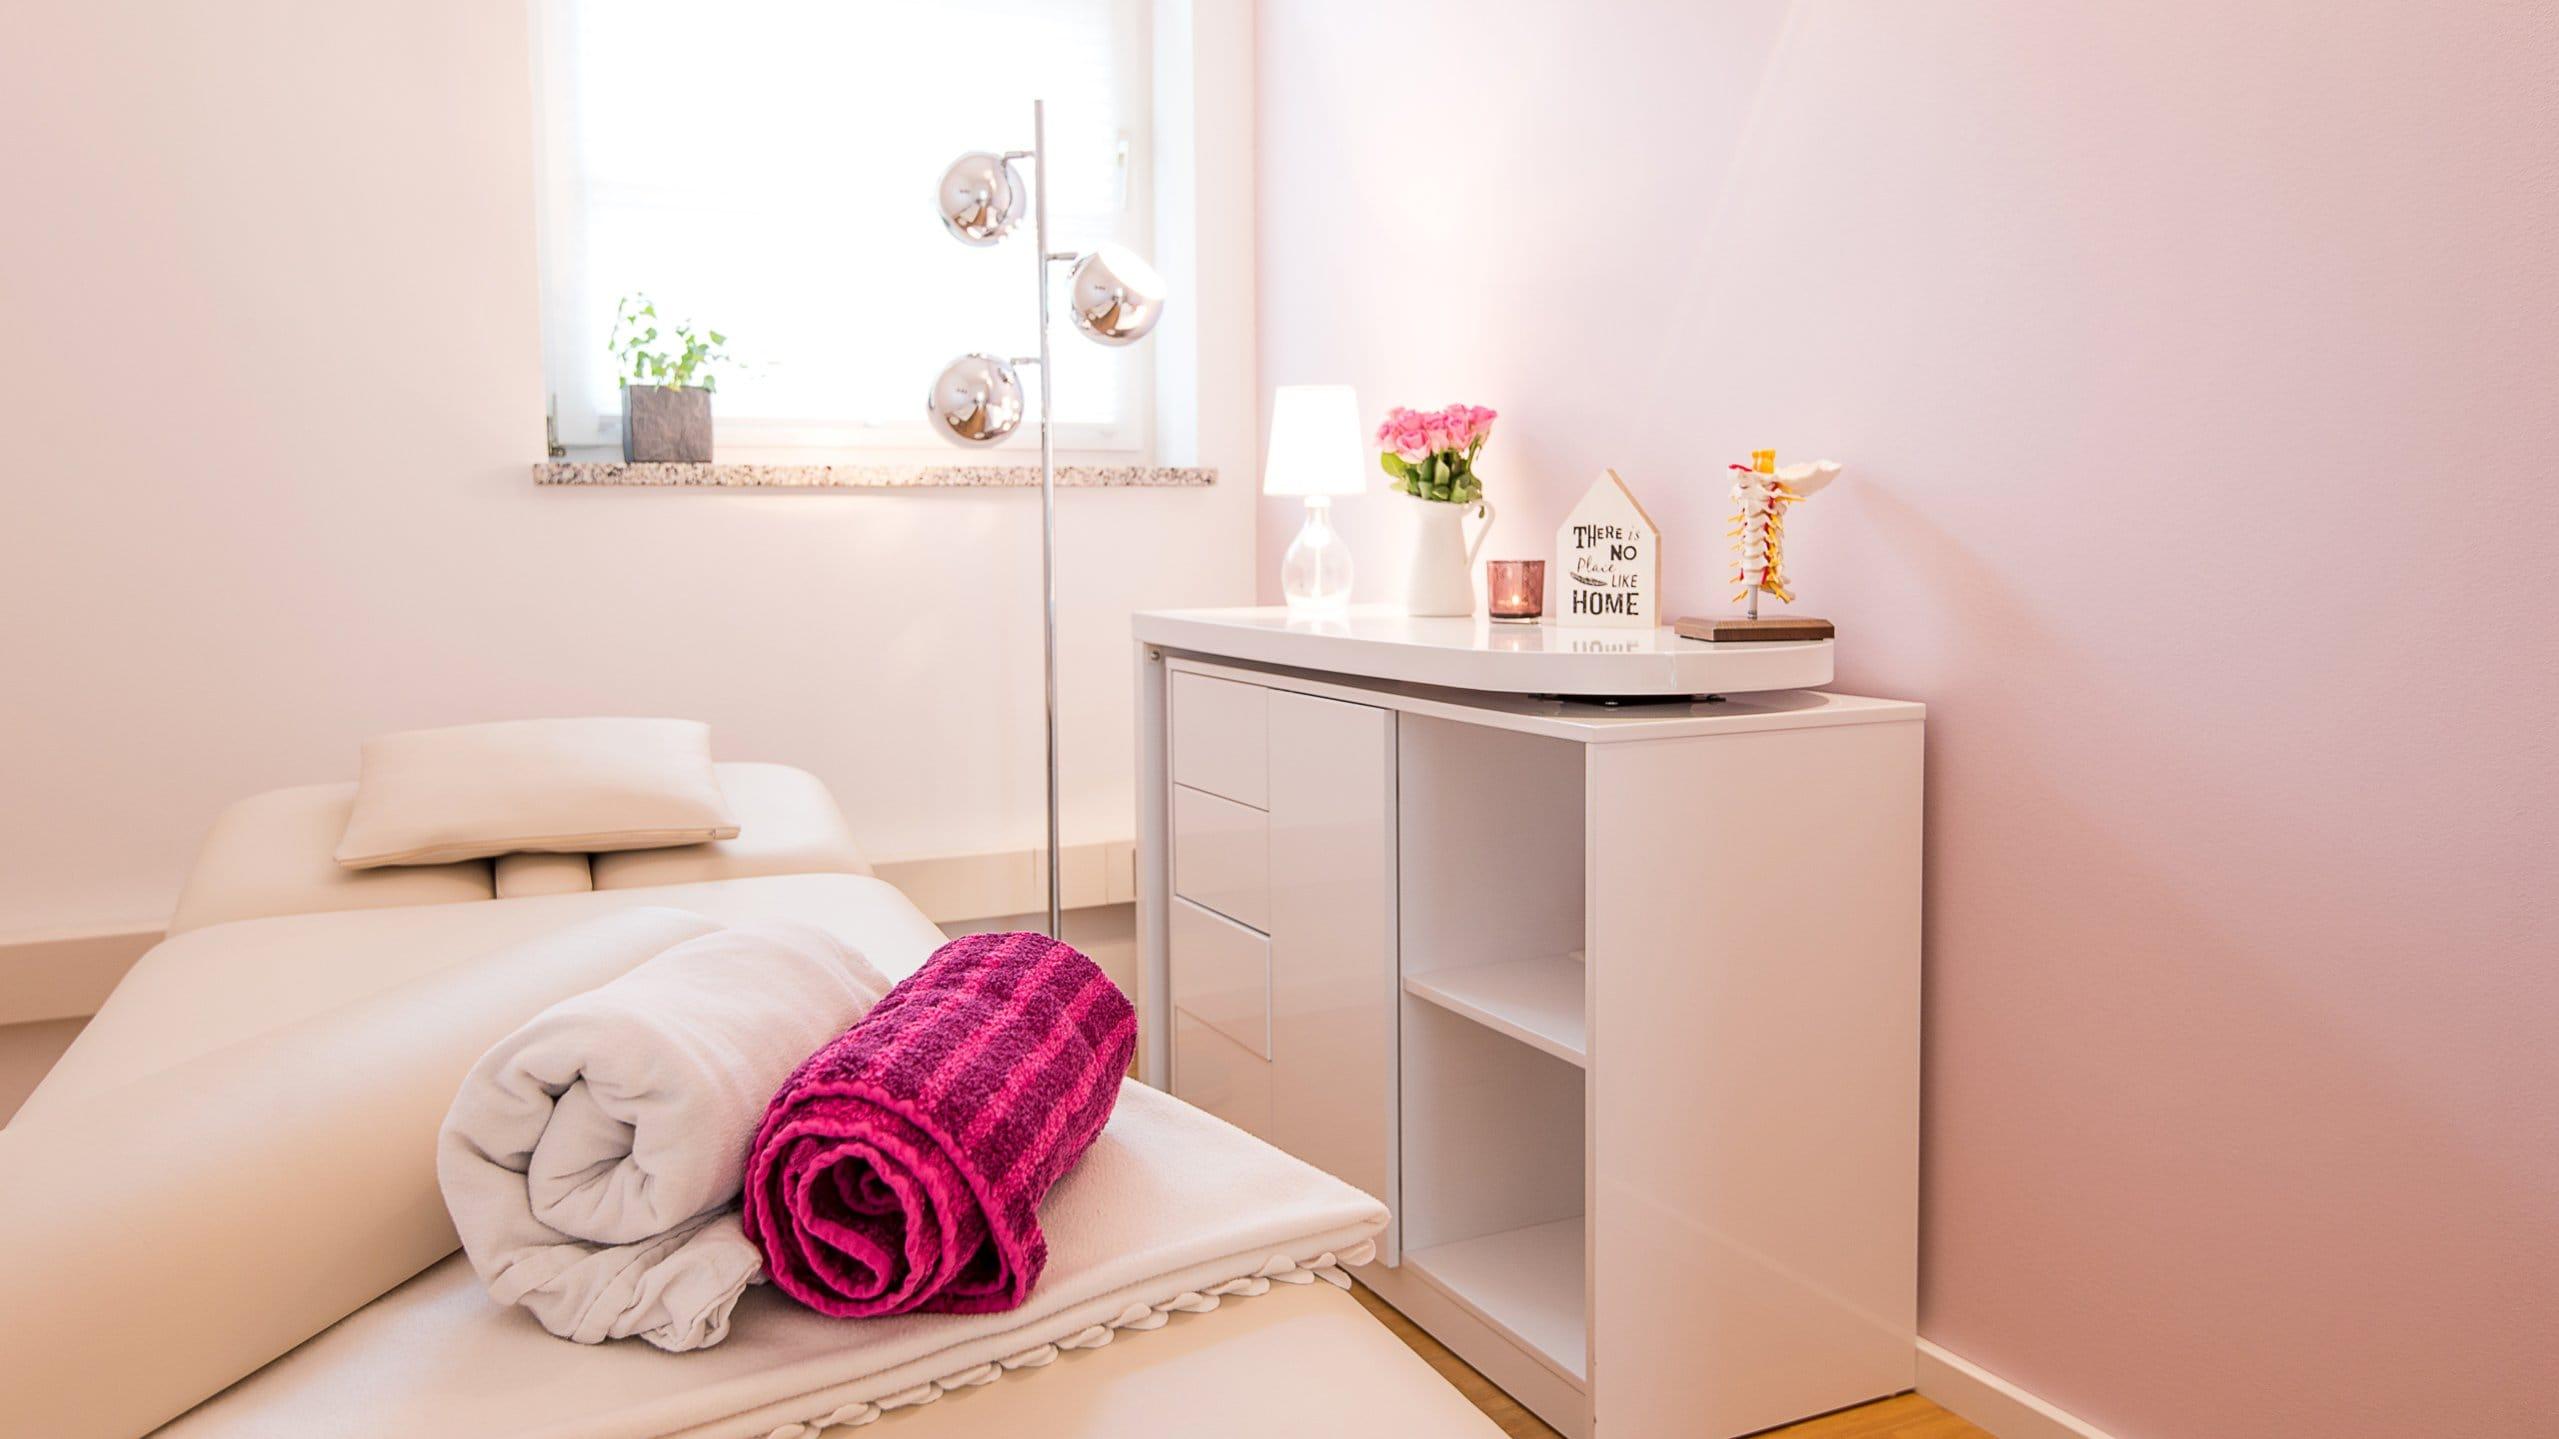 jungundwild-business-foto-image-architektur-muenchen-005